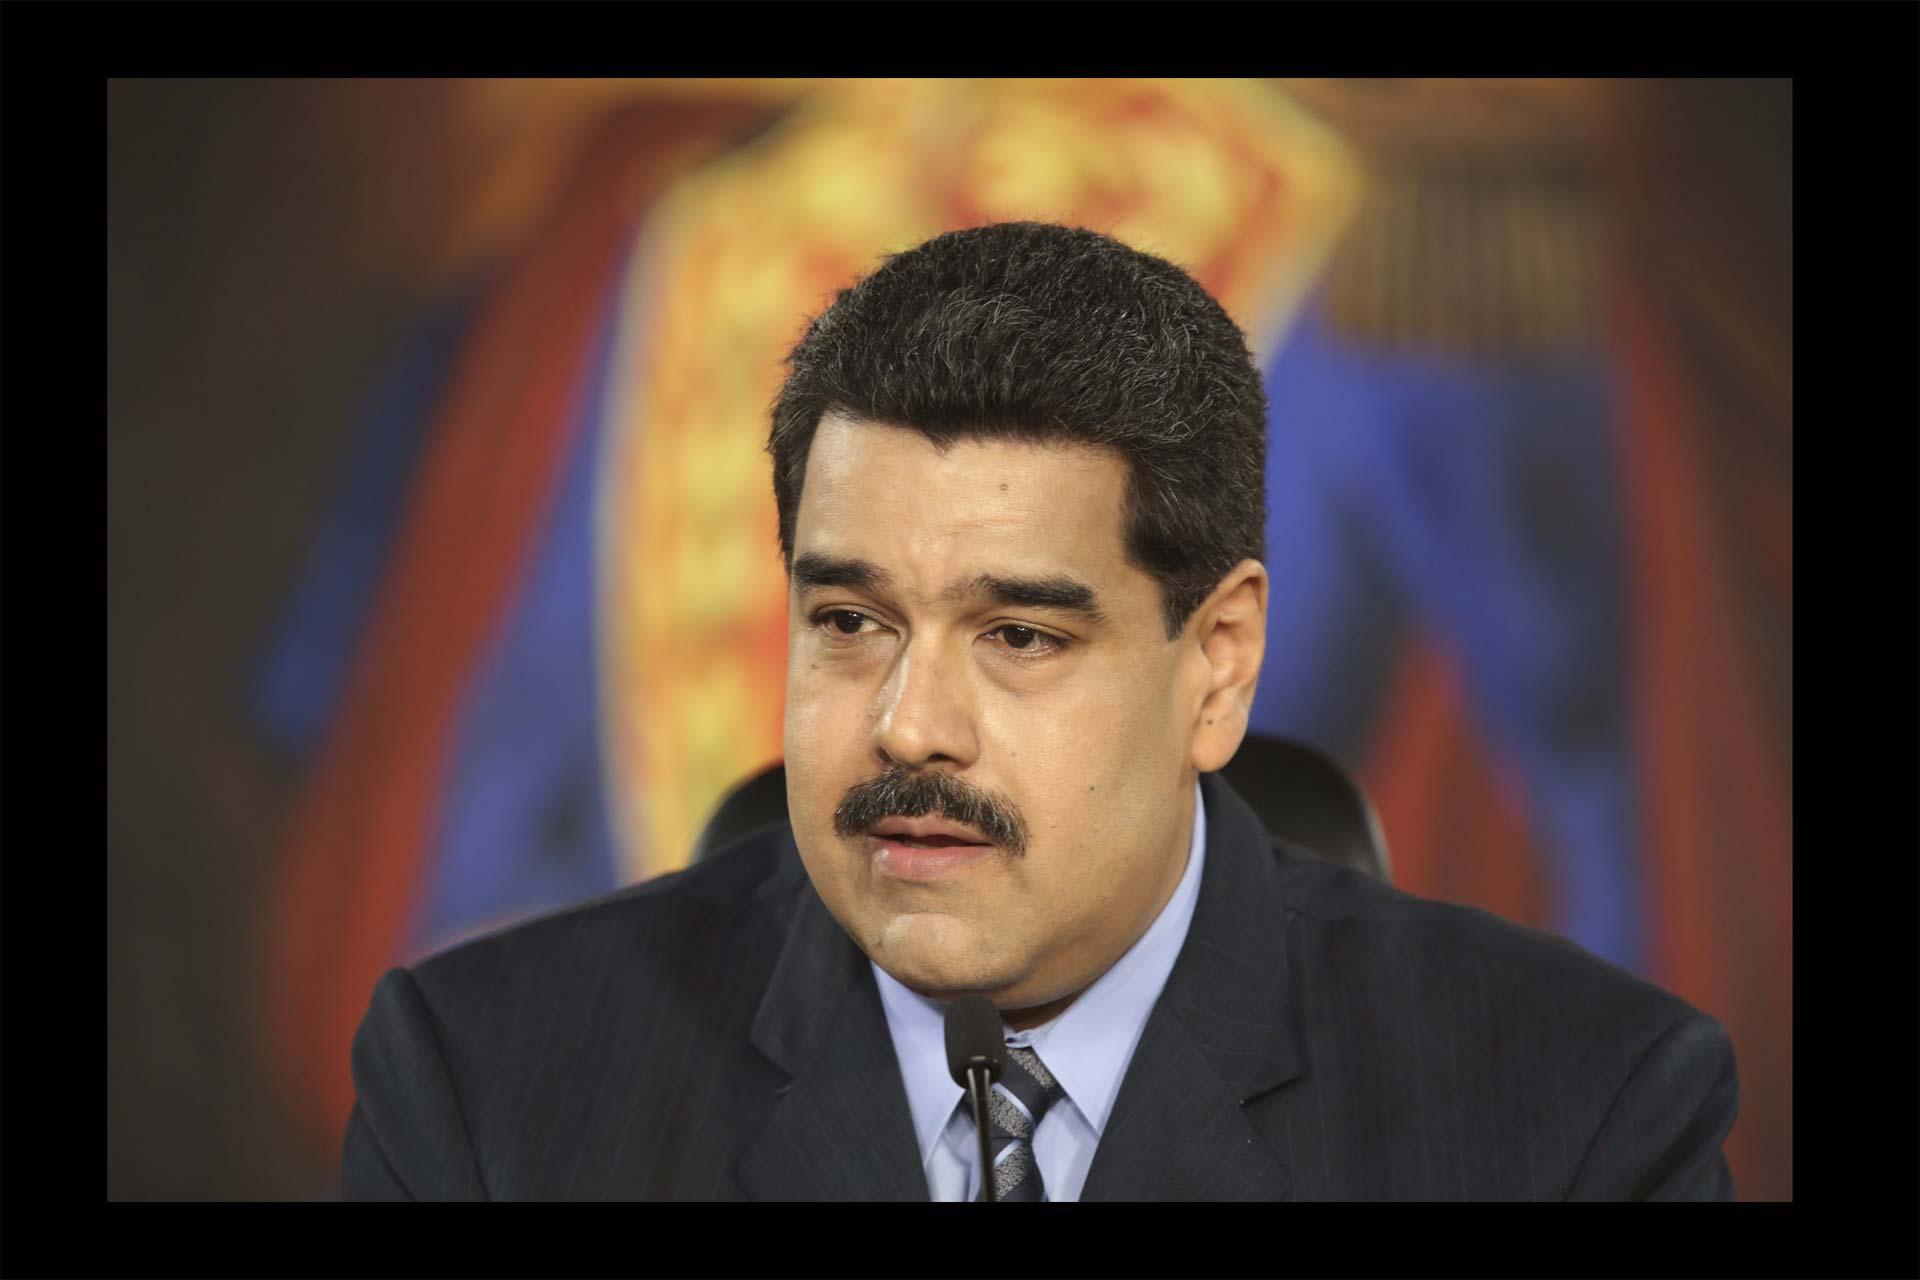 Lo decretó el presidente Nicolás Maduro durante una cadena nacional